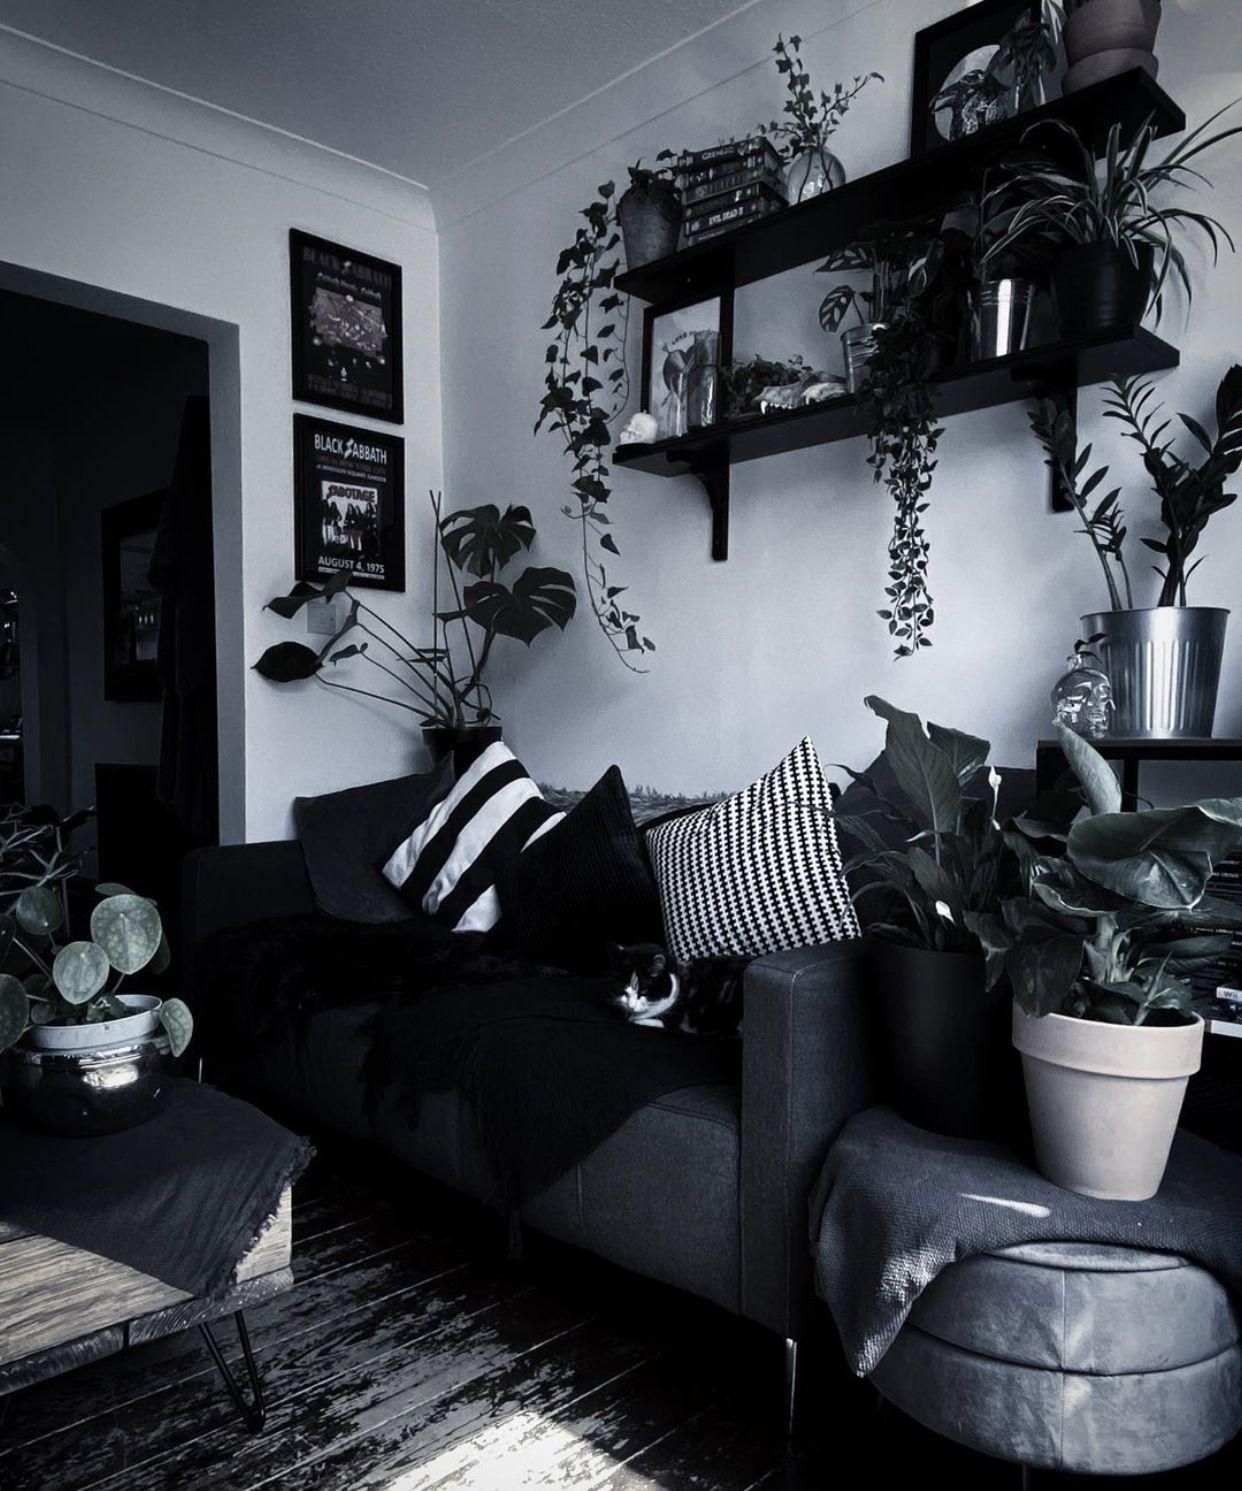 Pin By Rebecca On Future Home Dark Home Decor Home Decor Bedroom Gothic Living Rooms Living room aesthetic dark